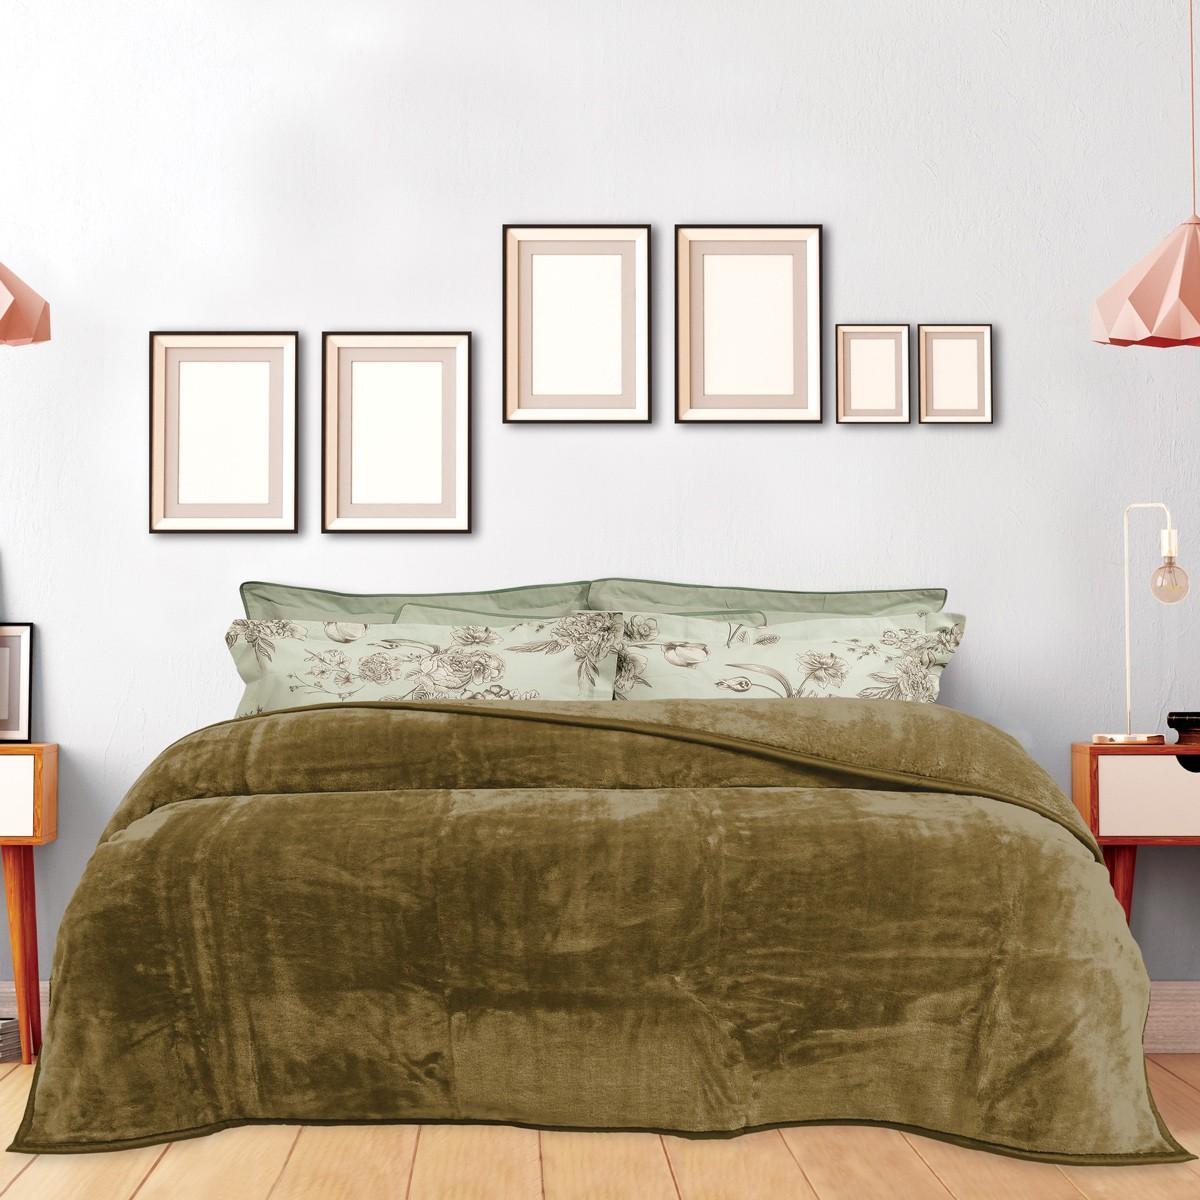 Κουβέρτα Βελουτέ Υπέρδιπλη Das Home Blanket Line Velour 392